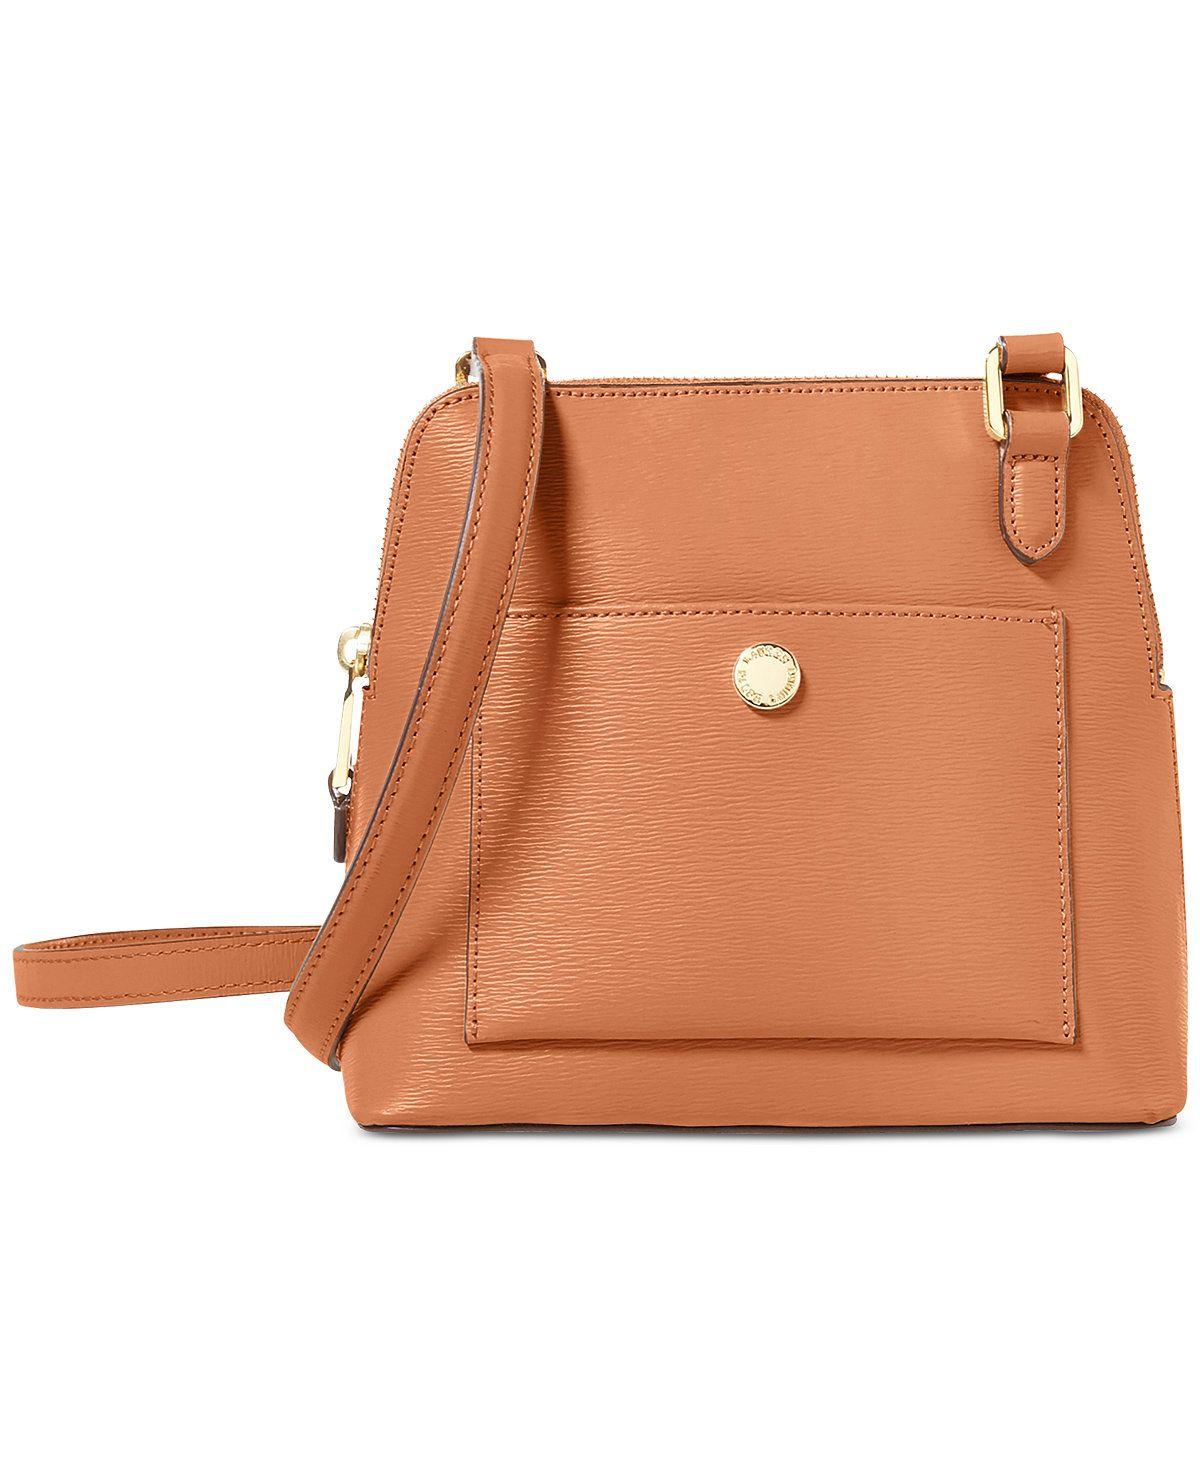 242db4aba6 Lauren Ralph Lauren Newbury Bailey Crossbody - Crossbody   Messenger Bags -  Handbags   Accessories - Macy s